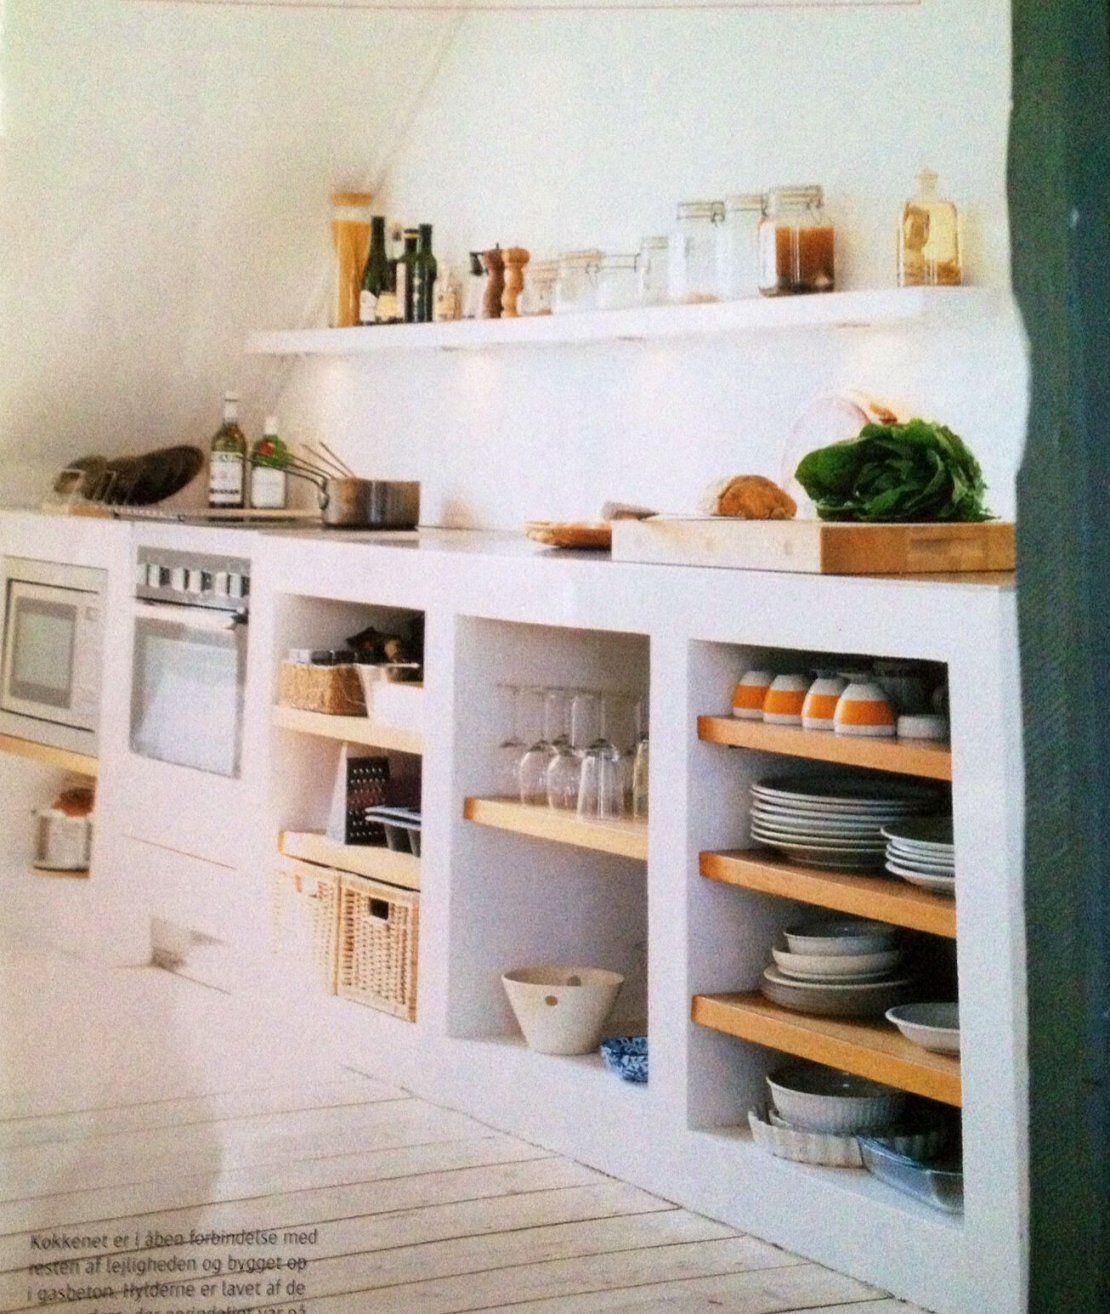 bildergebnis für küche selber bauen ytong | küche selber